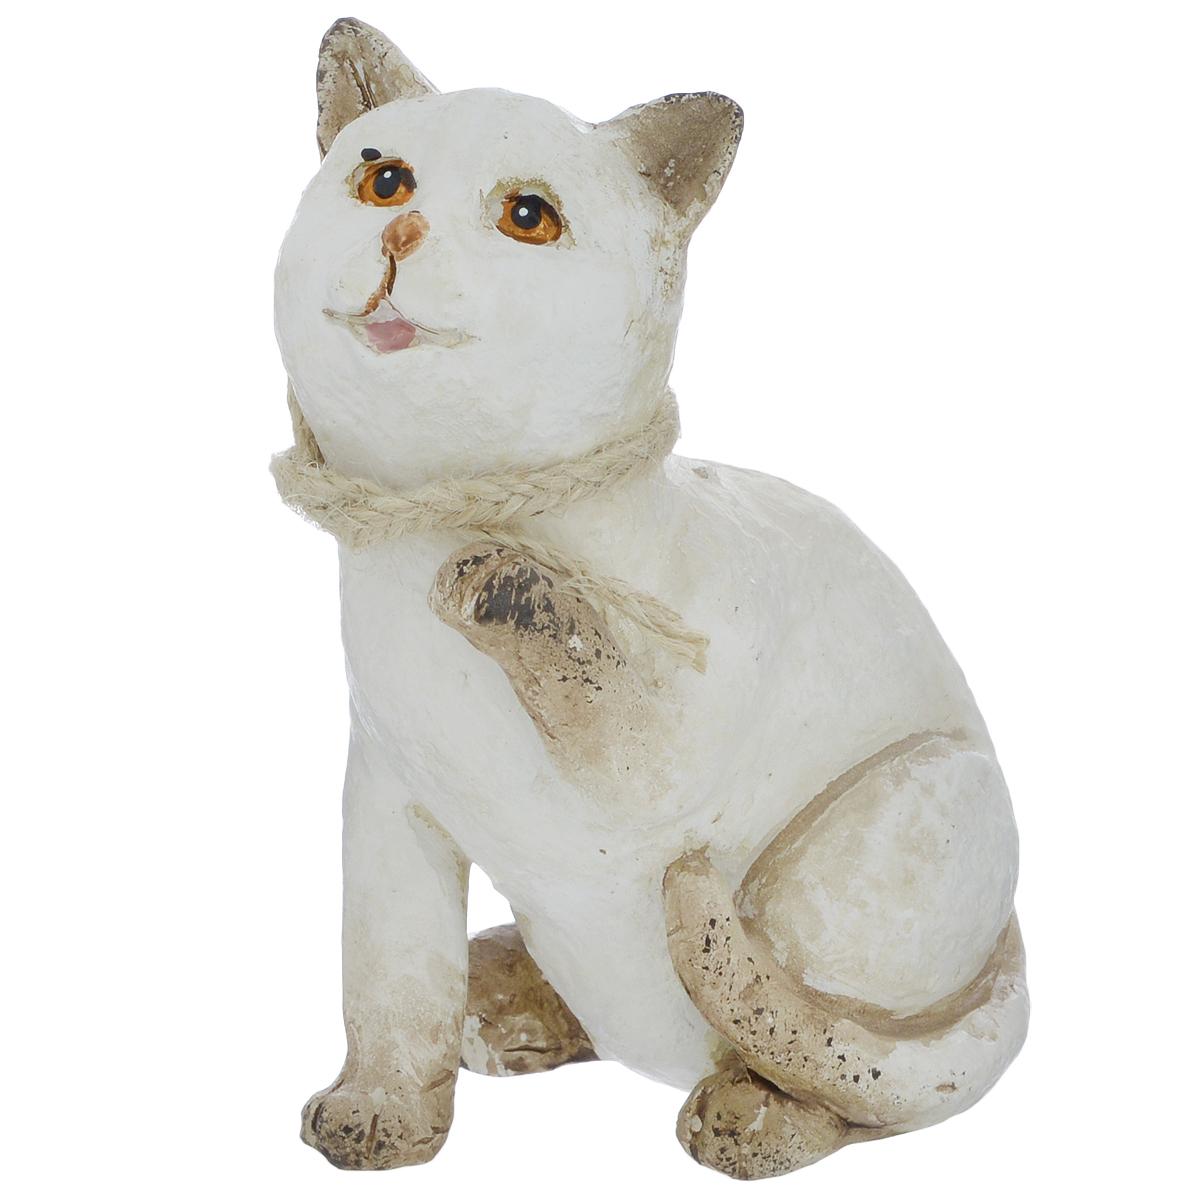 Фигурка декоративная Molento Белая кошечка, высота 11 см549-209Декоративная фигурка Molento Белая кошечка, изготовленная из полистоуна, позволит вам украсить интерьер дома, рабочего кабинета или любого другого помещения оригинальным образом. Изделие выполнено в виде кошки.Вы можете поставить фигурку в любом месте, где она будет удачно смотреться, и радовать глаз. Кроме того, фигурка Белая кошечка станет чудесным сувениром для ваших друзей и близких. Размер фигурки: 8,5 см х 6 см х 11 см.